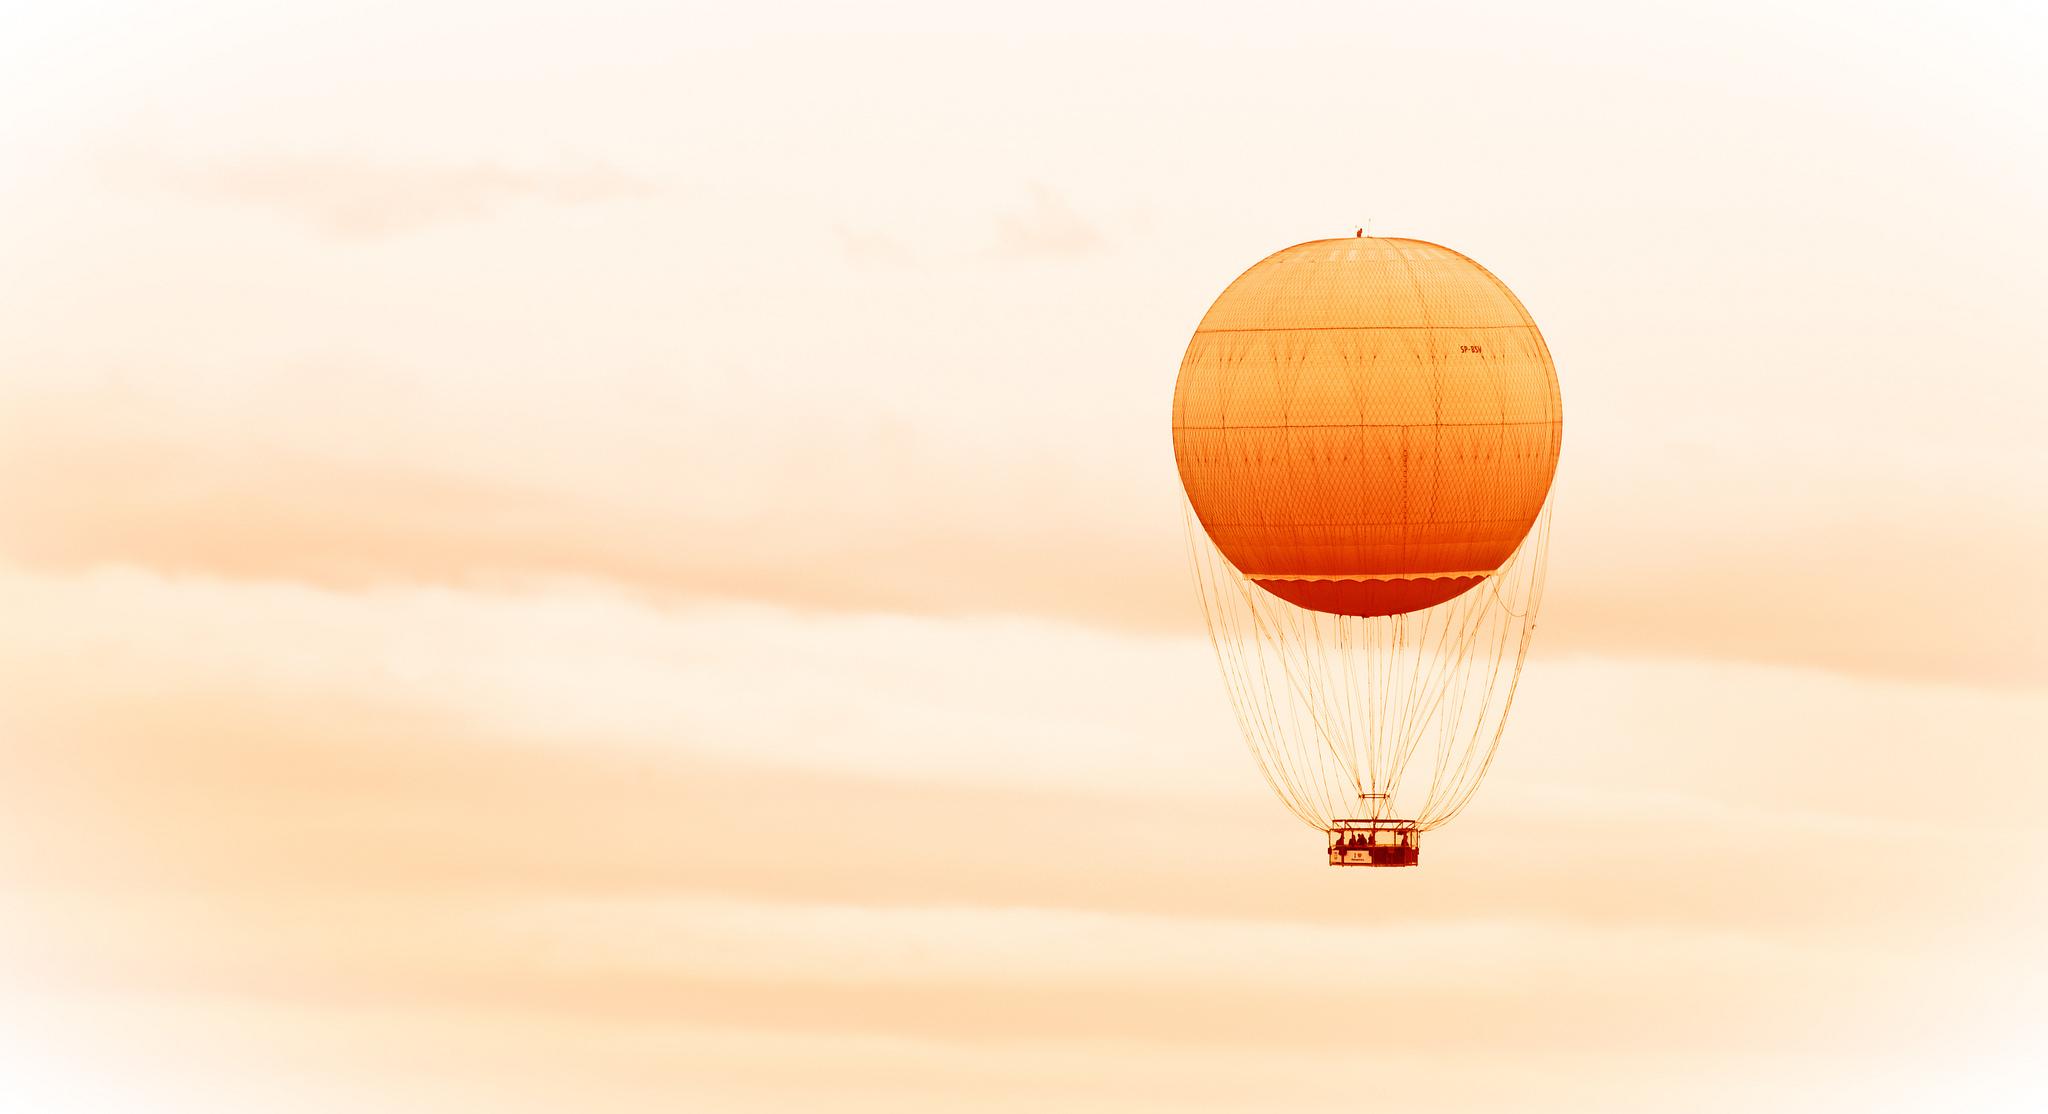 шары небо balls the sky  № 1008176 загрузить